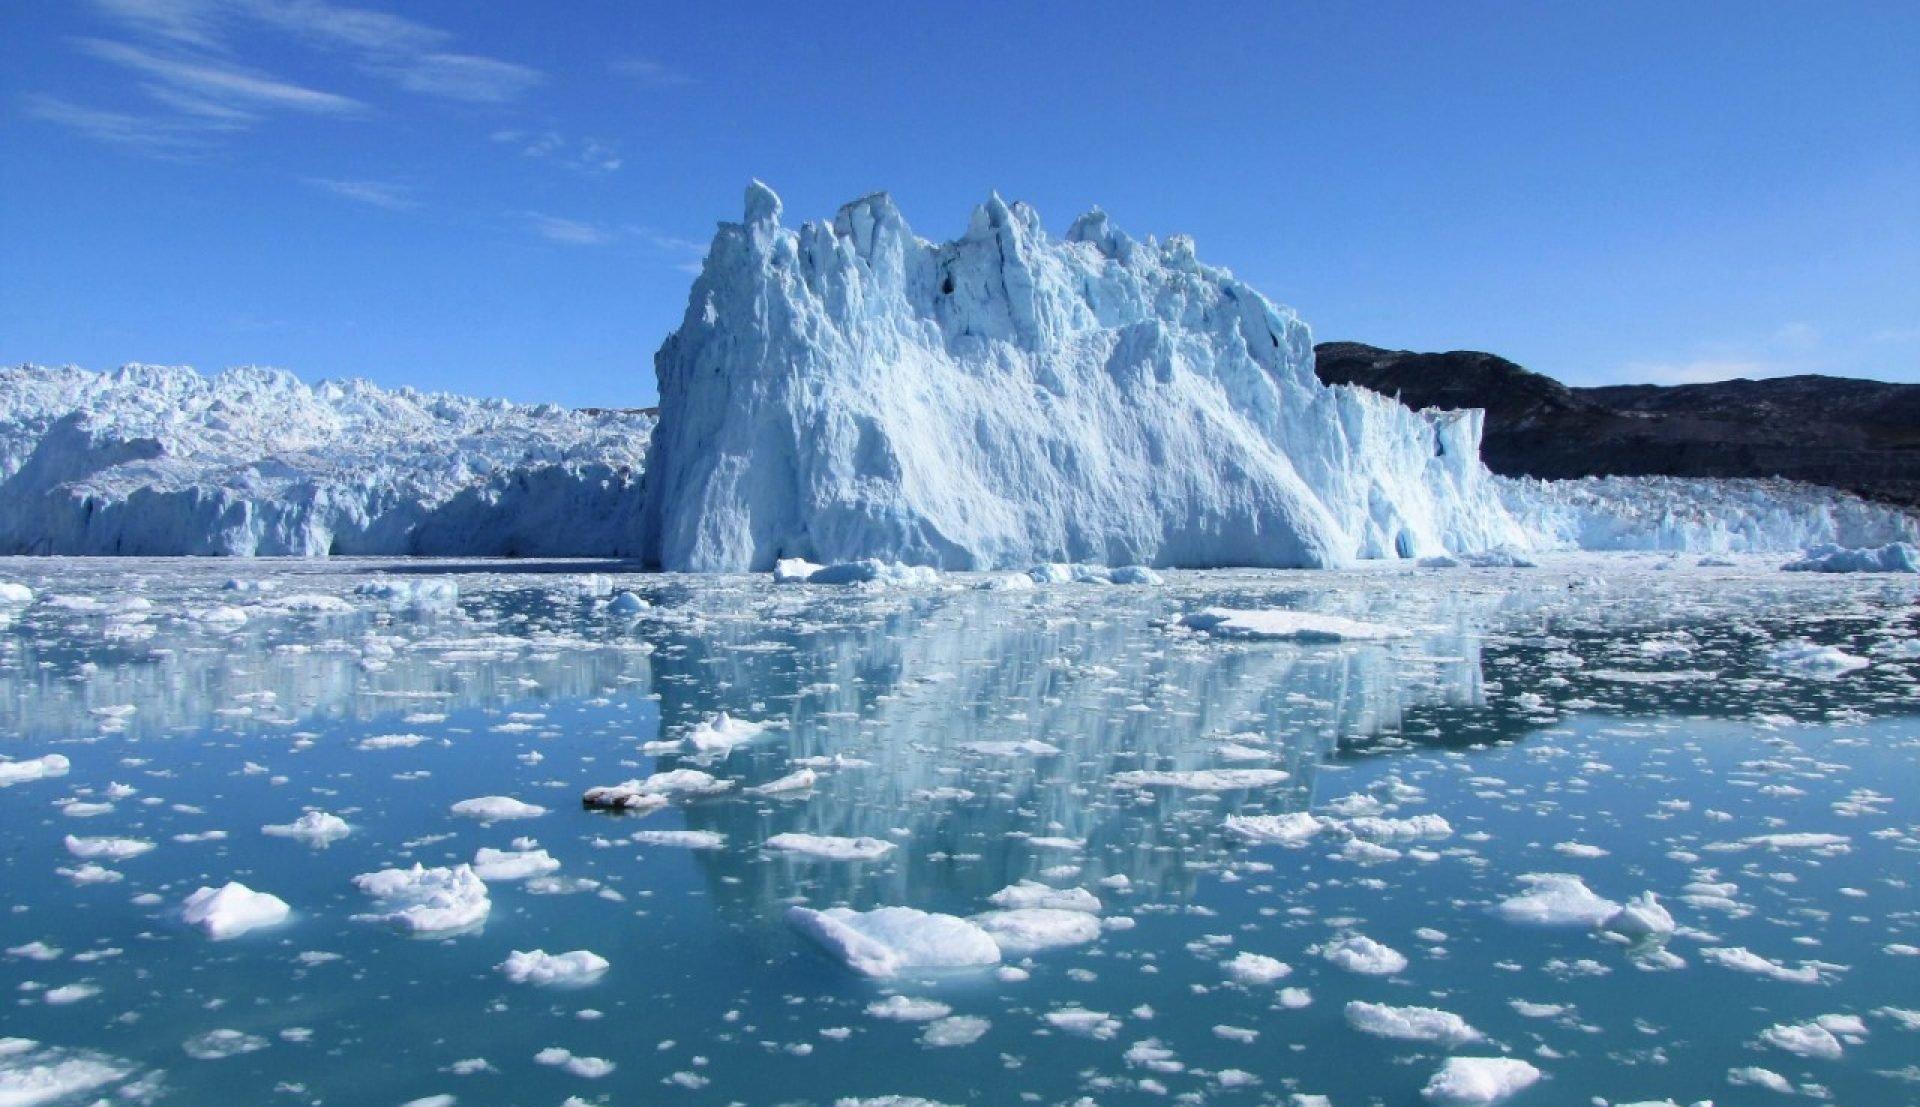 Гренландія й Антарктика втрачають льодовики в 6 разів швидше, ніж в 1990-і роки - льодовики, лід, Гренландія, Антарктика - 16 ledovyky